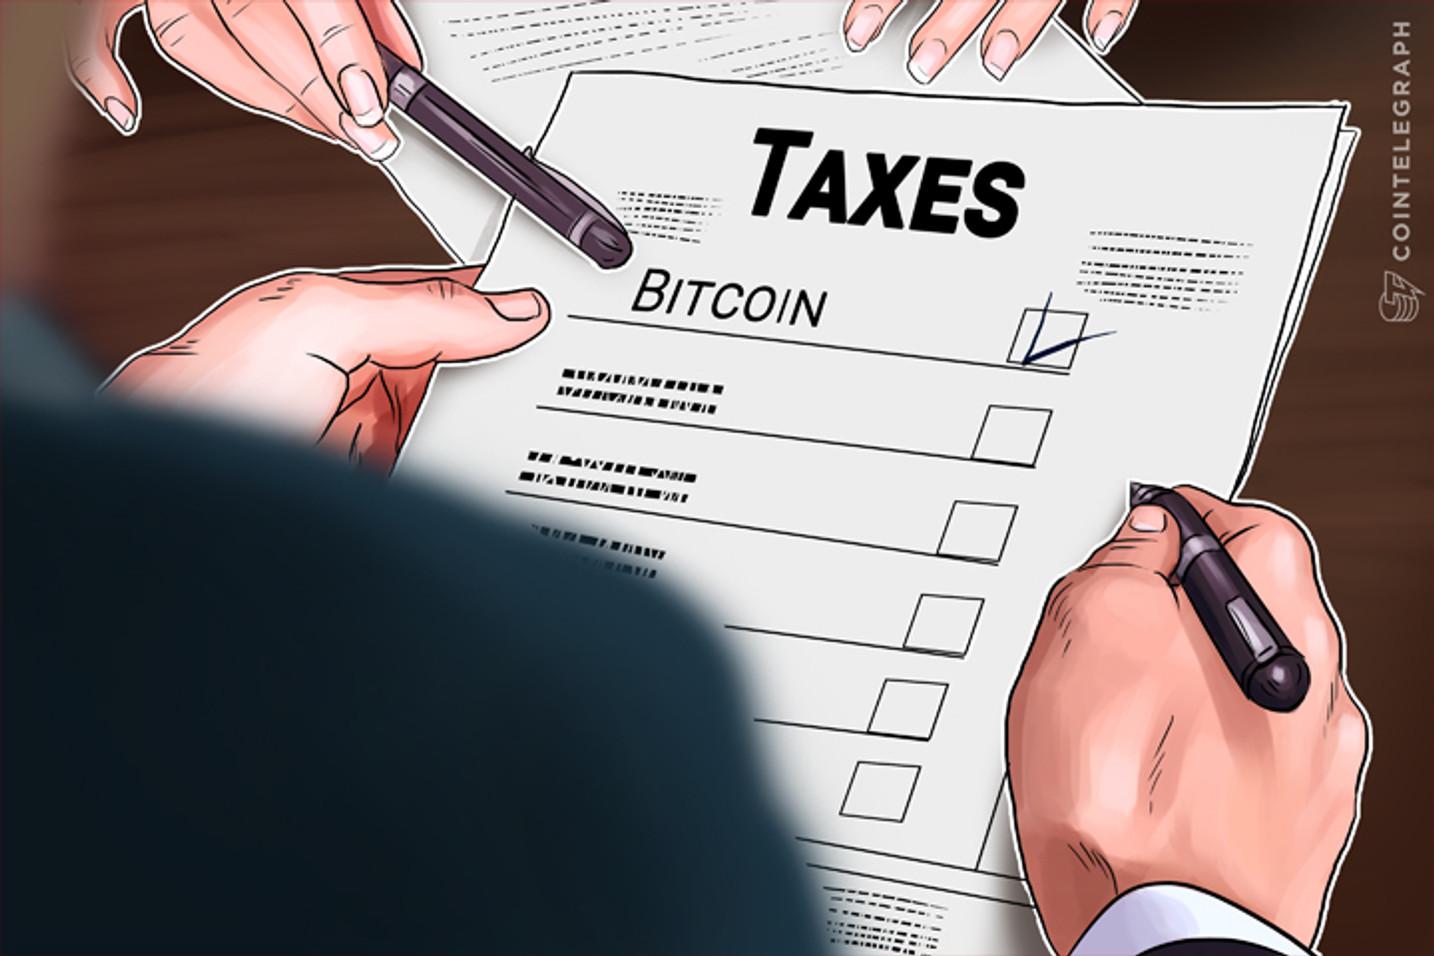 La caza de Bitcoin por parte del IRS aumenta, pero la amnistía fiscal podría seguir: Blog de expertos